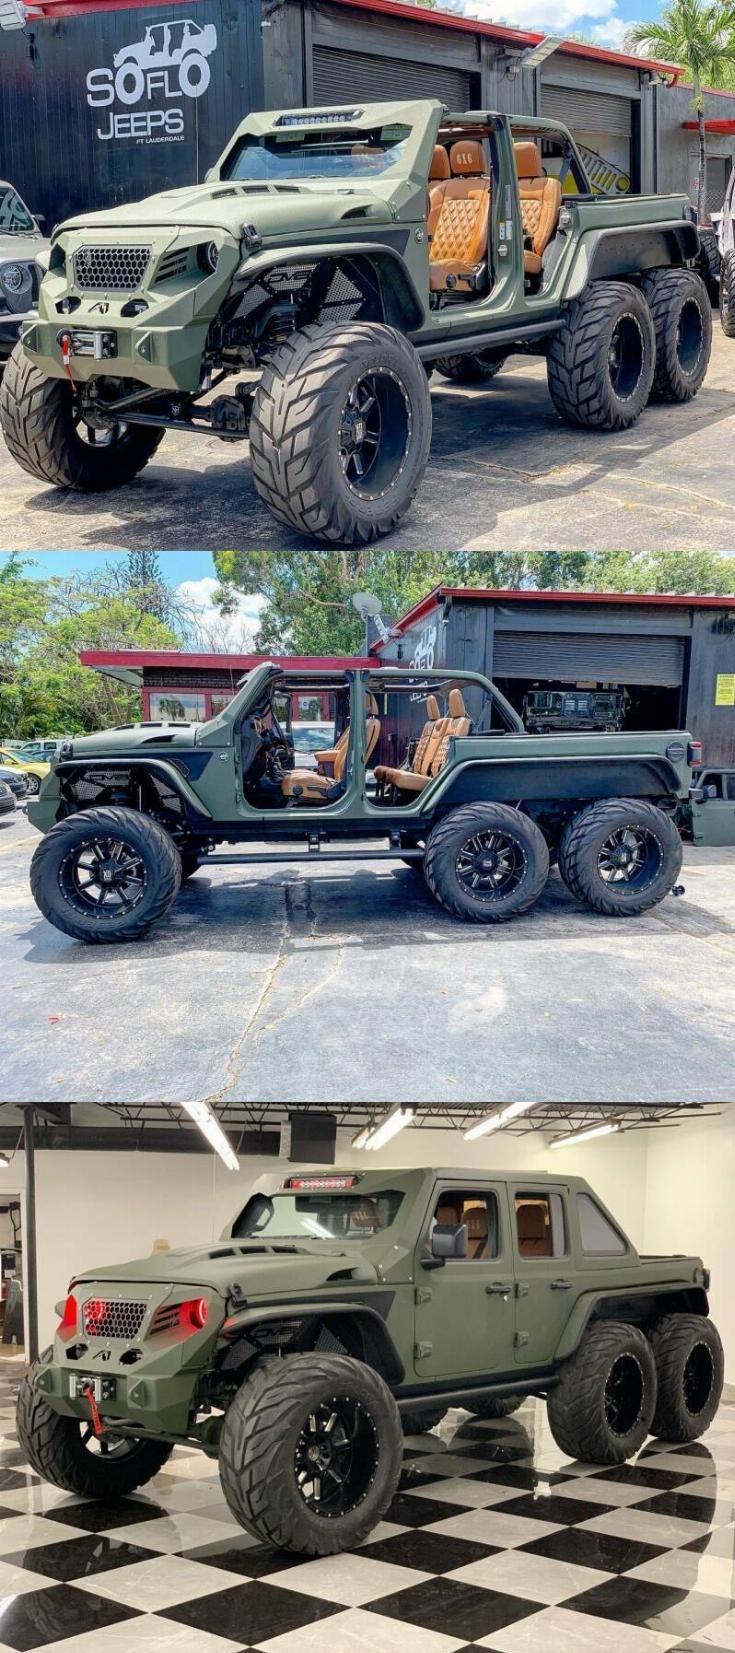 2020 Jeep Wrangler Turbo Diesel 6 6 In 2020 Jeep Wrangler Jeep